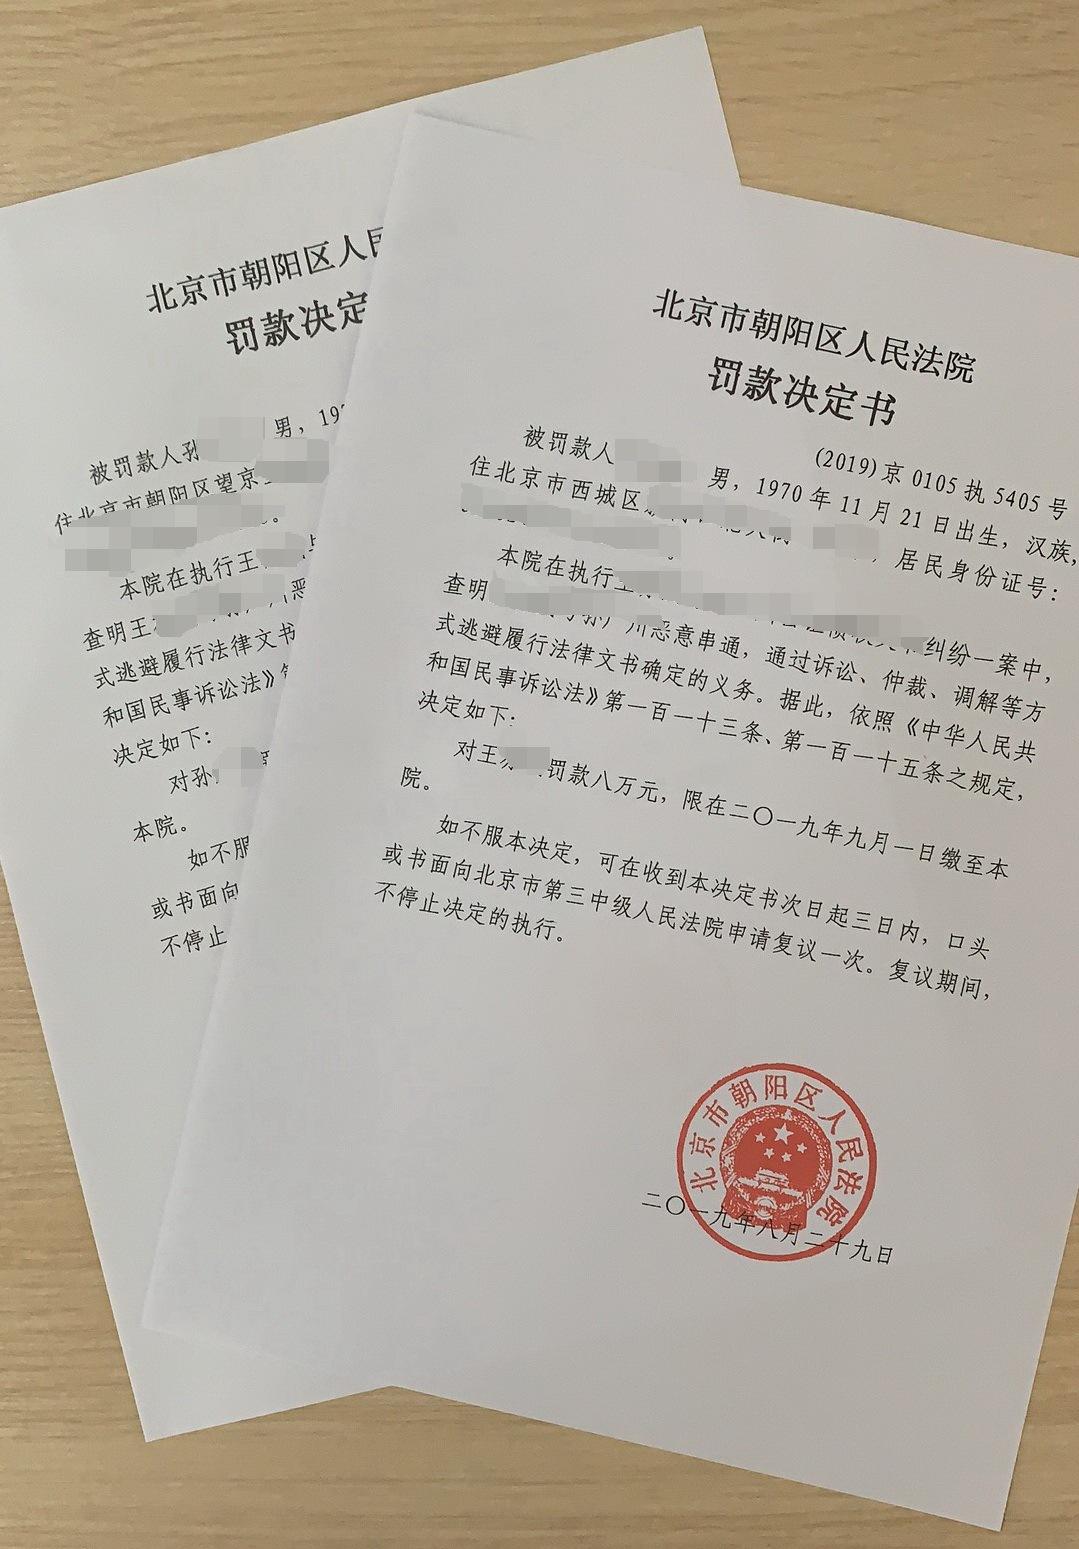 为逃强执签订假借款合同被发现 双方被罚18万元